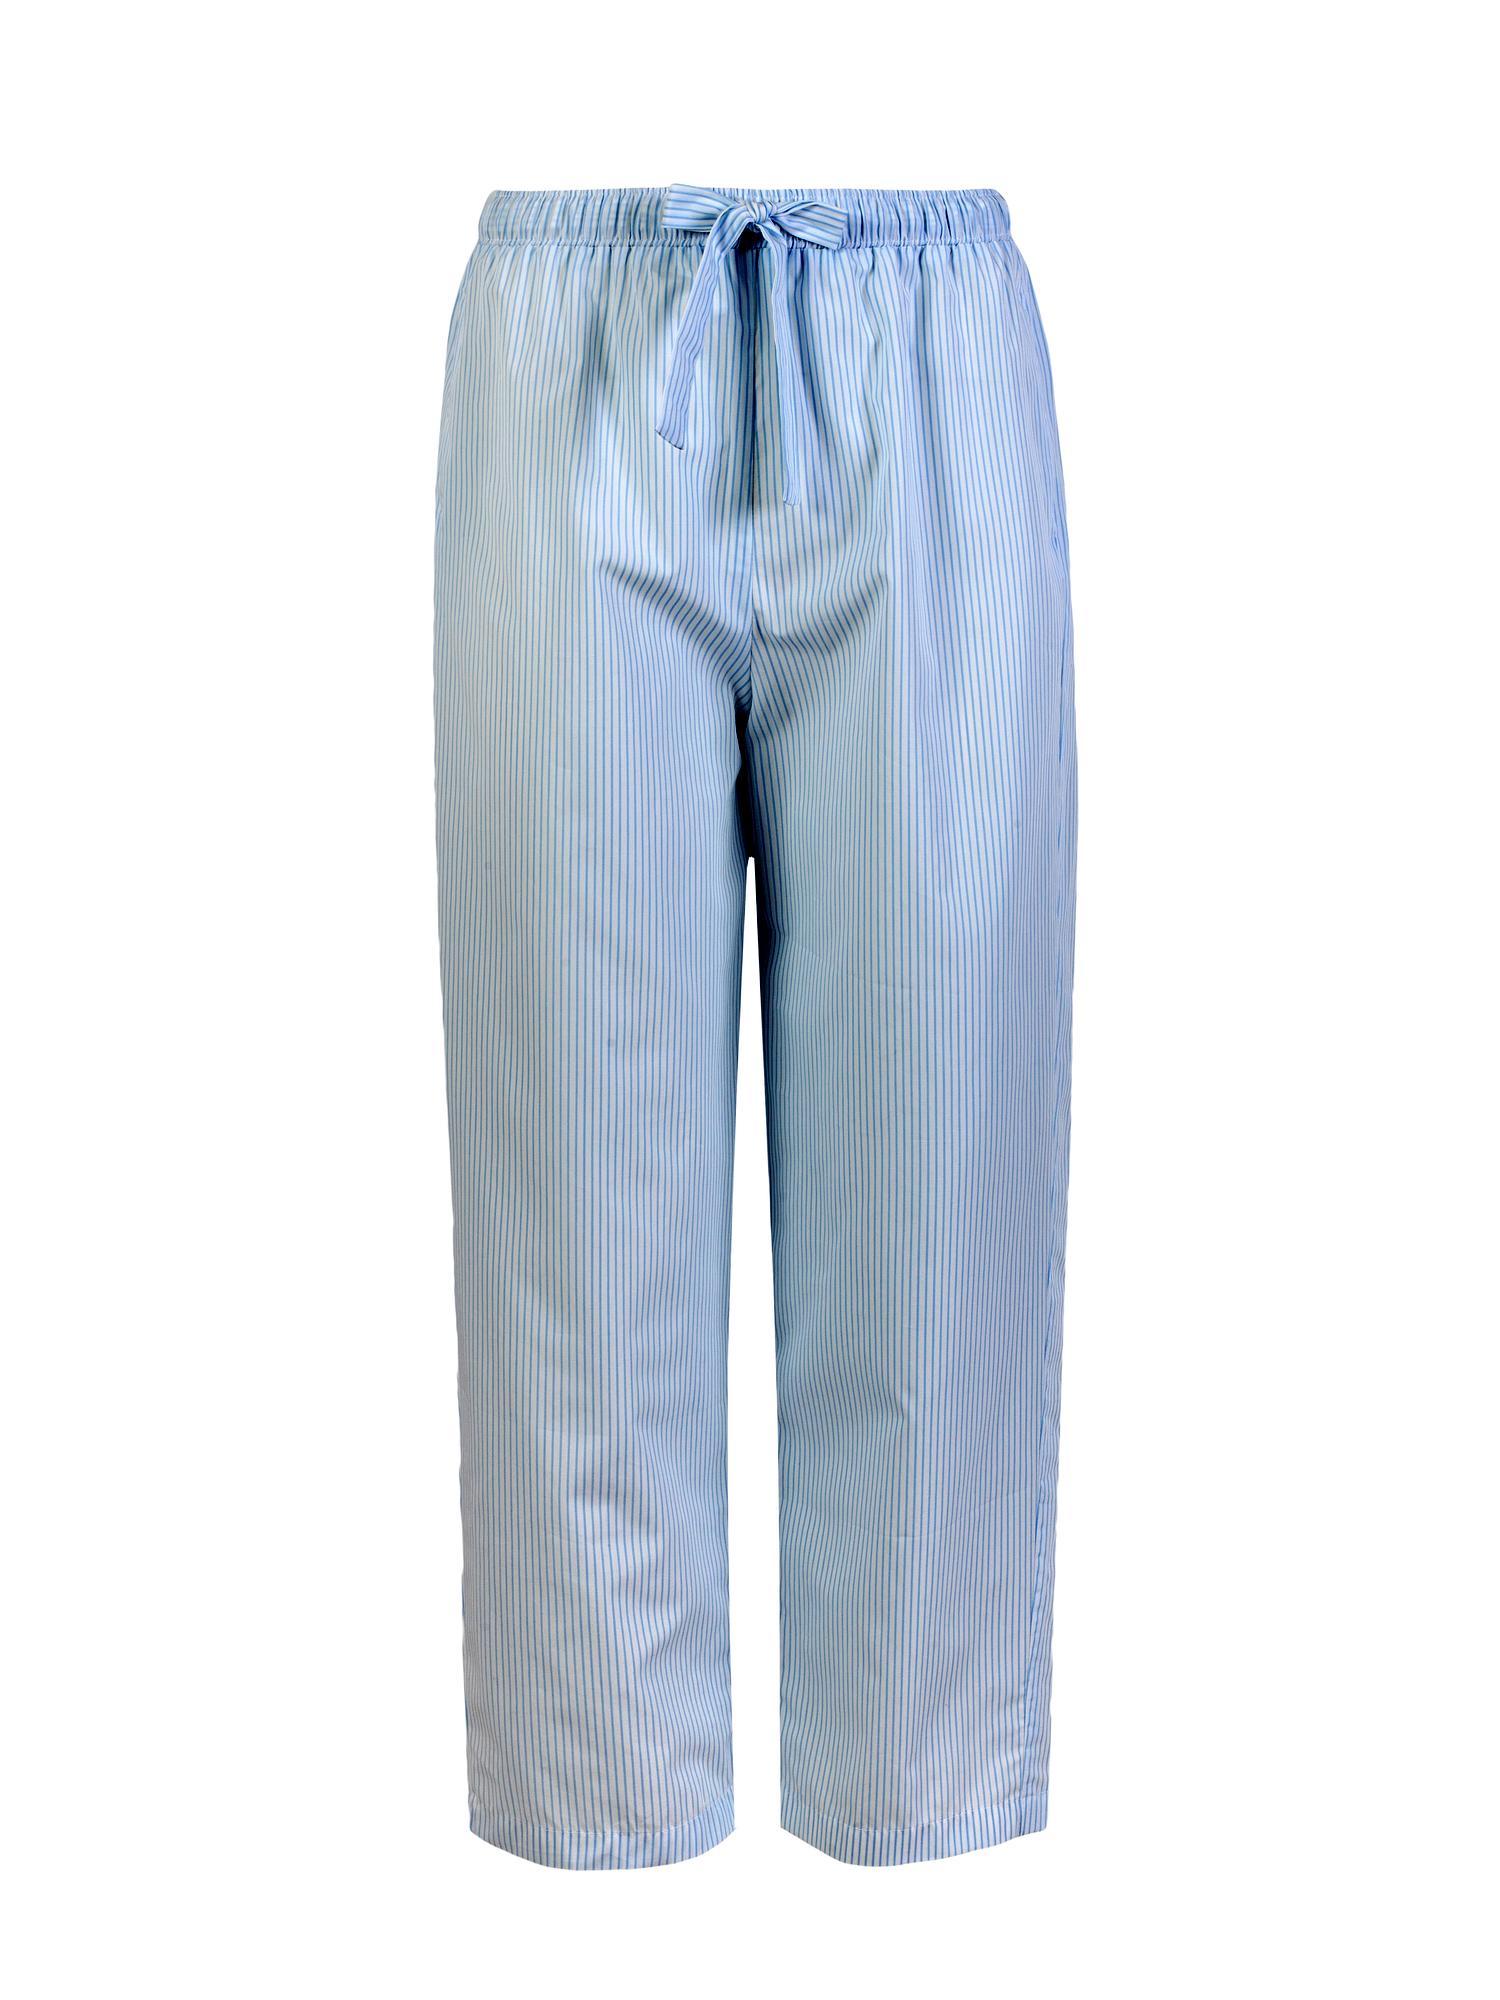 Ivan spodnie z bawełny - Son Trava